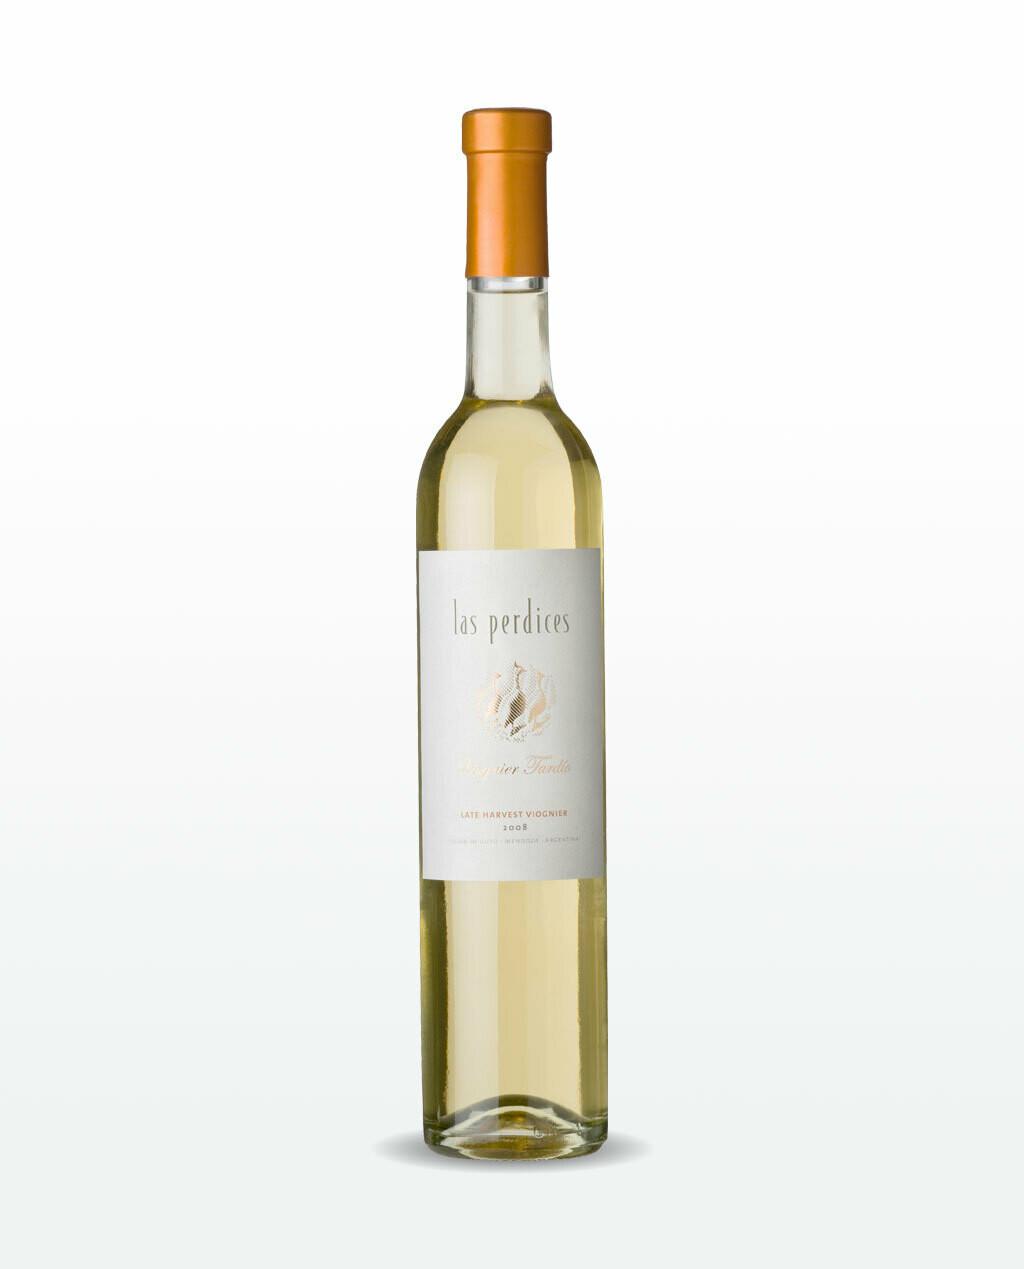 Vino Blanco Las Perdices Viognier Tardio x500cc